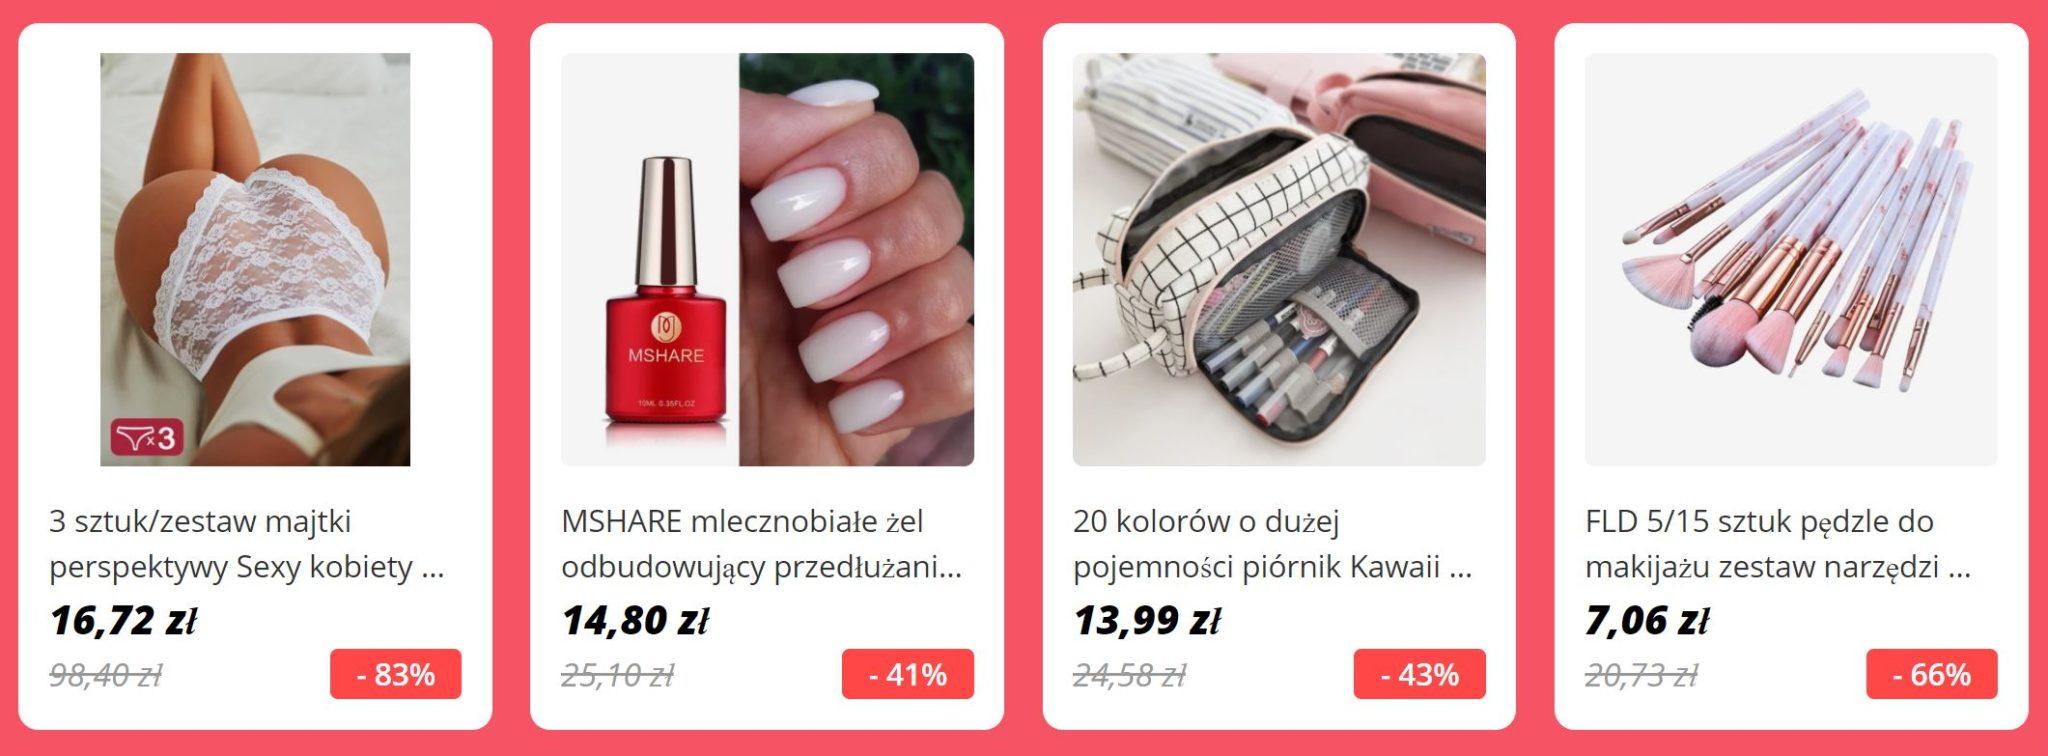 bestsellery AliExpress - bielizna damska, kosmetyki